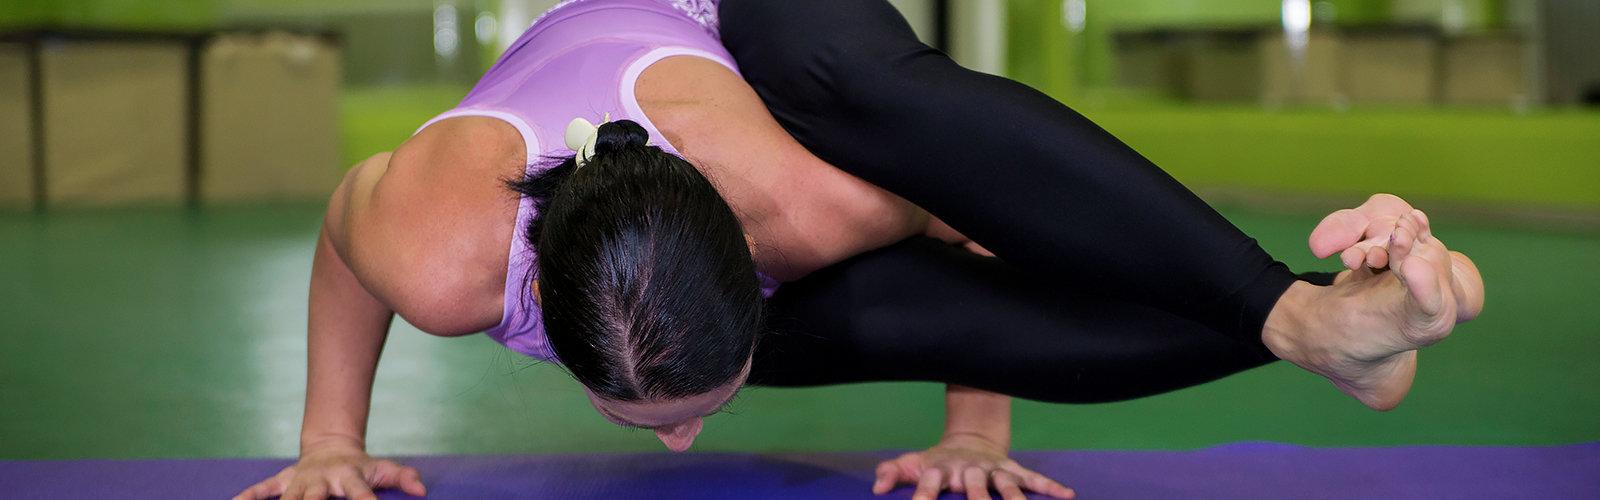 Gyógyítja-e a jóga a visszéreket visszér kezelése solovyov